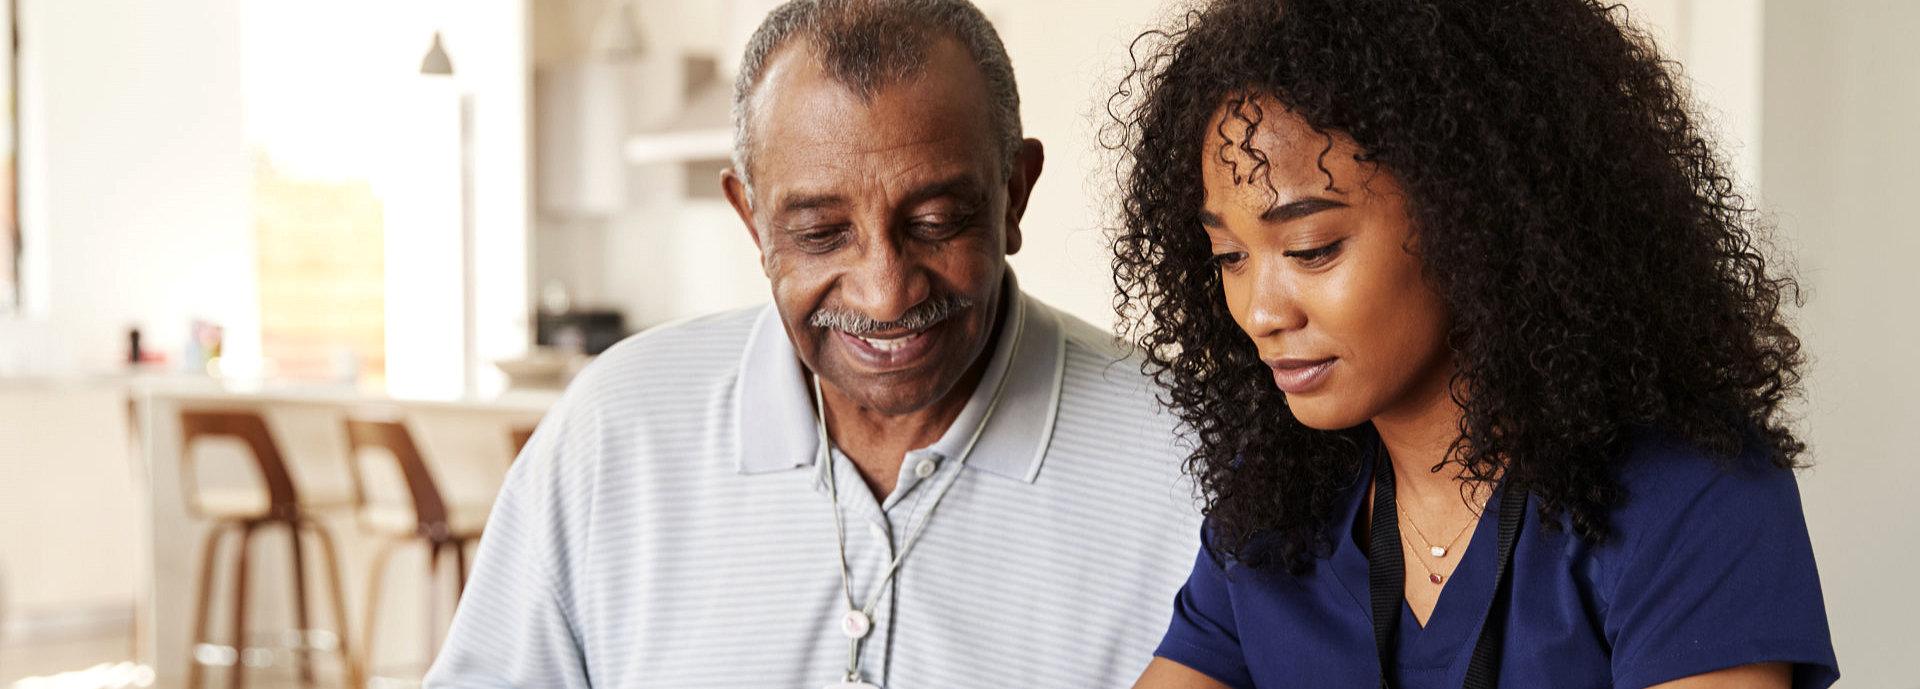 happy senior man with his caregiver